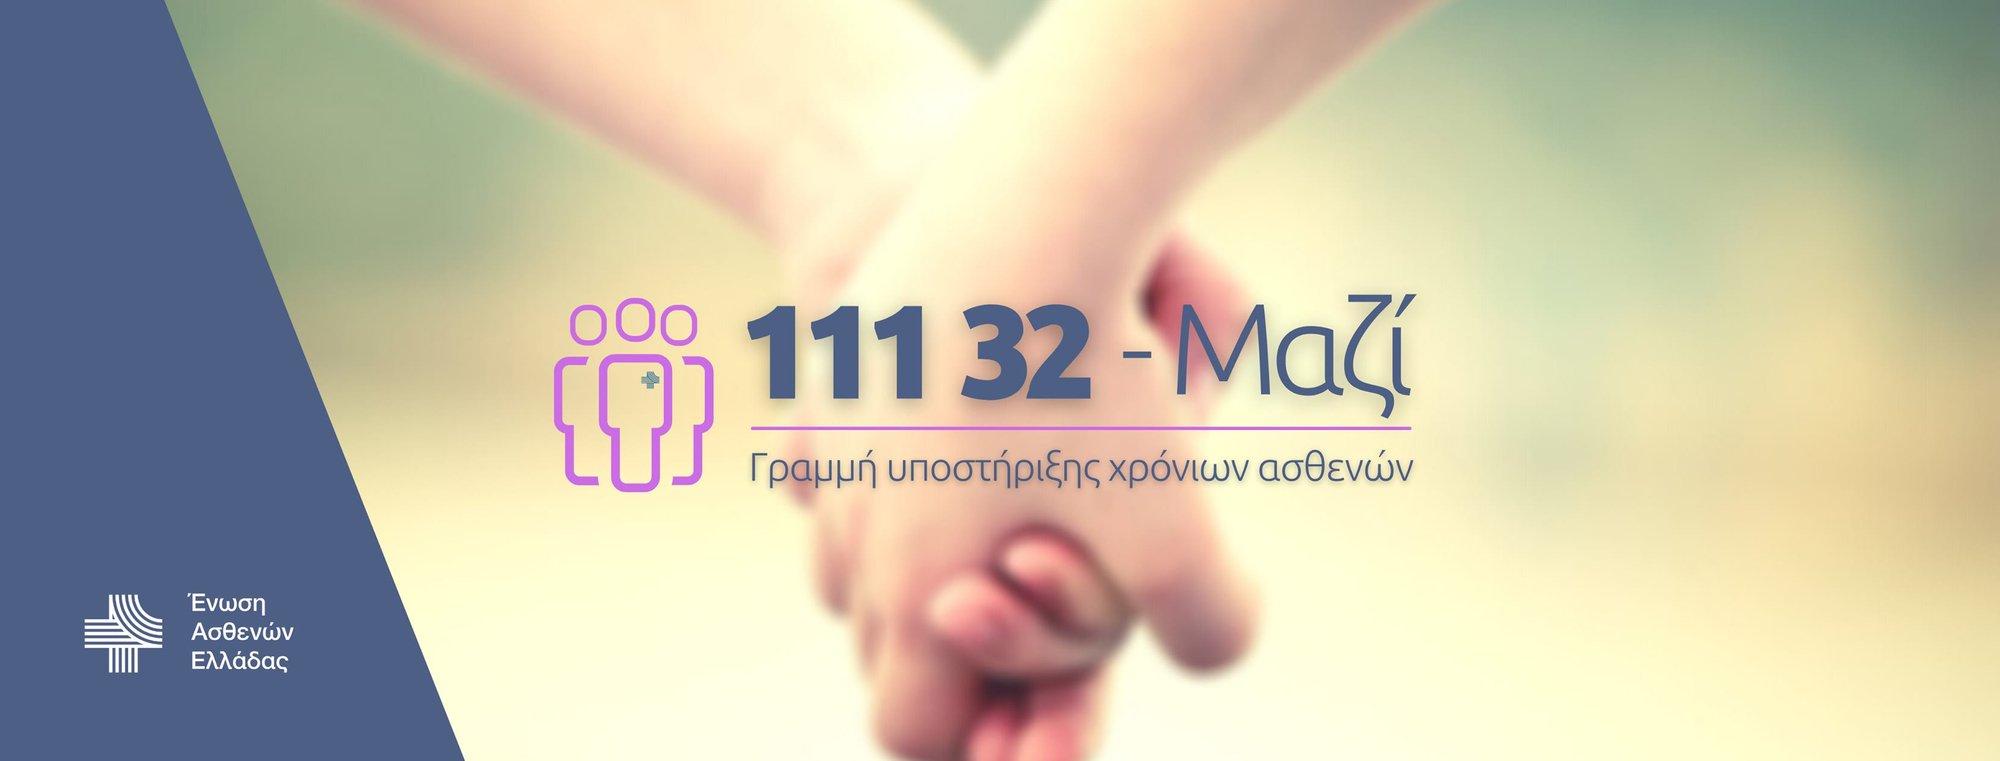 Ένωση Ασθενών Ελλάδας: Το σποτ της Γραμμής Υποστήριξης Χρόνιων Ασθενών ΜΑΖΙ-111 32 [vid]